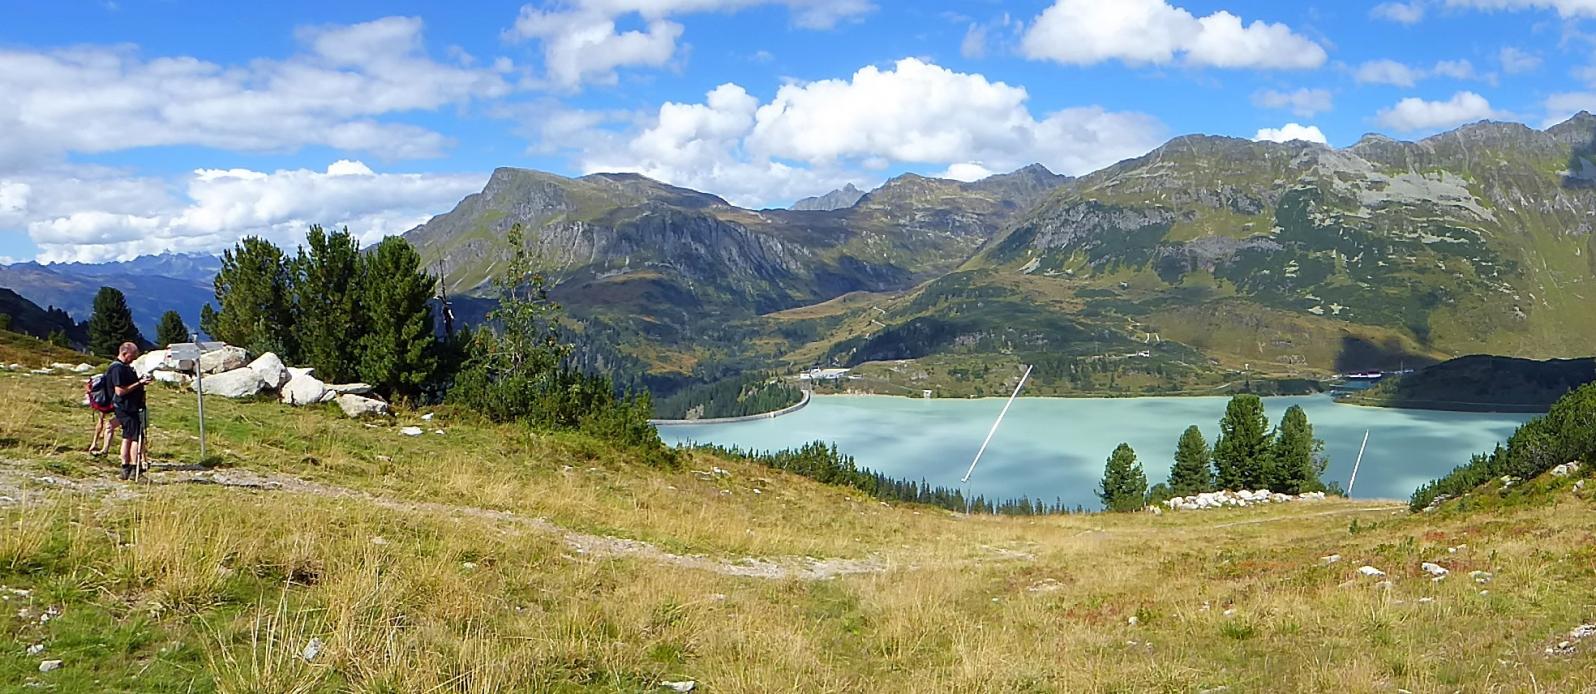 Klik op de afbeelding voor een panoramafoto.